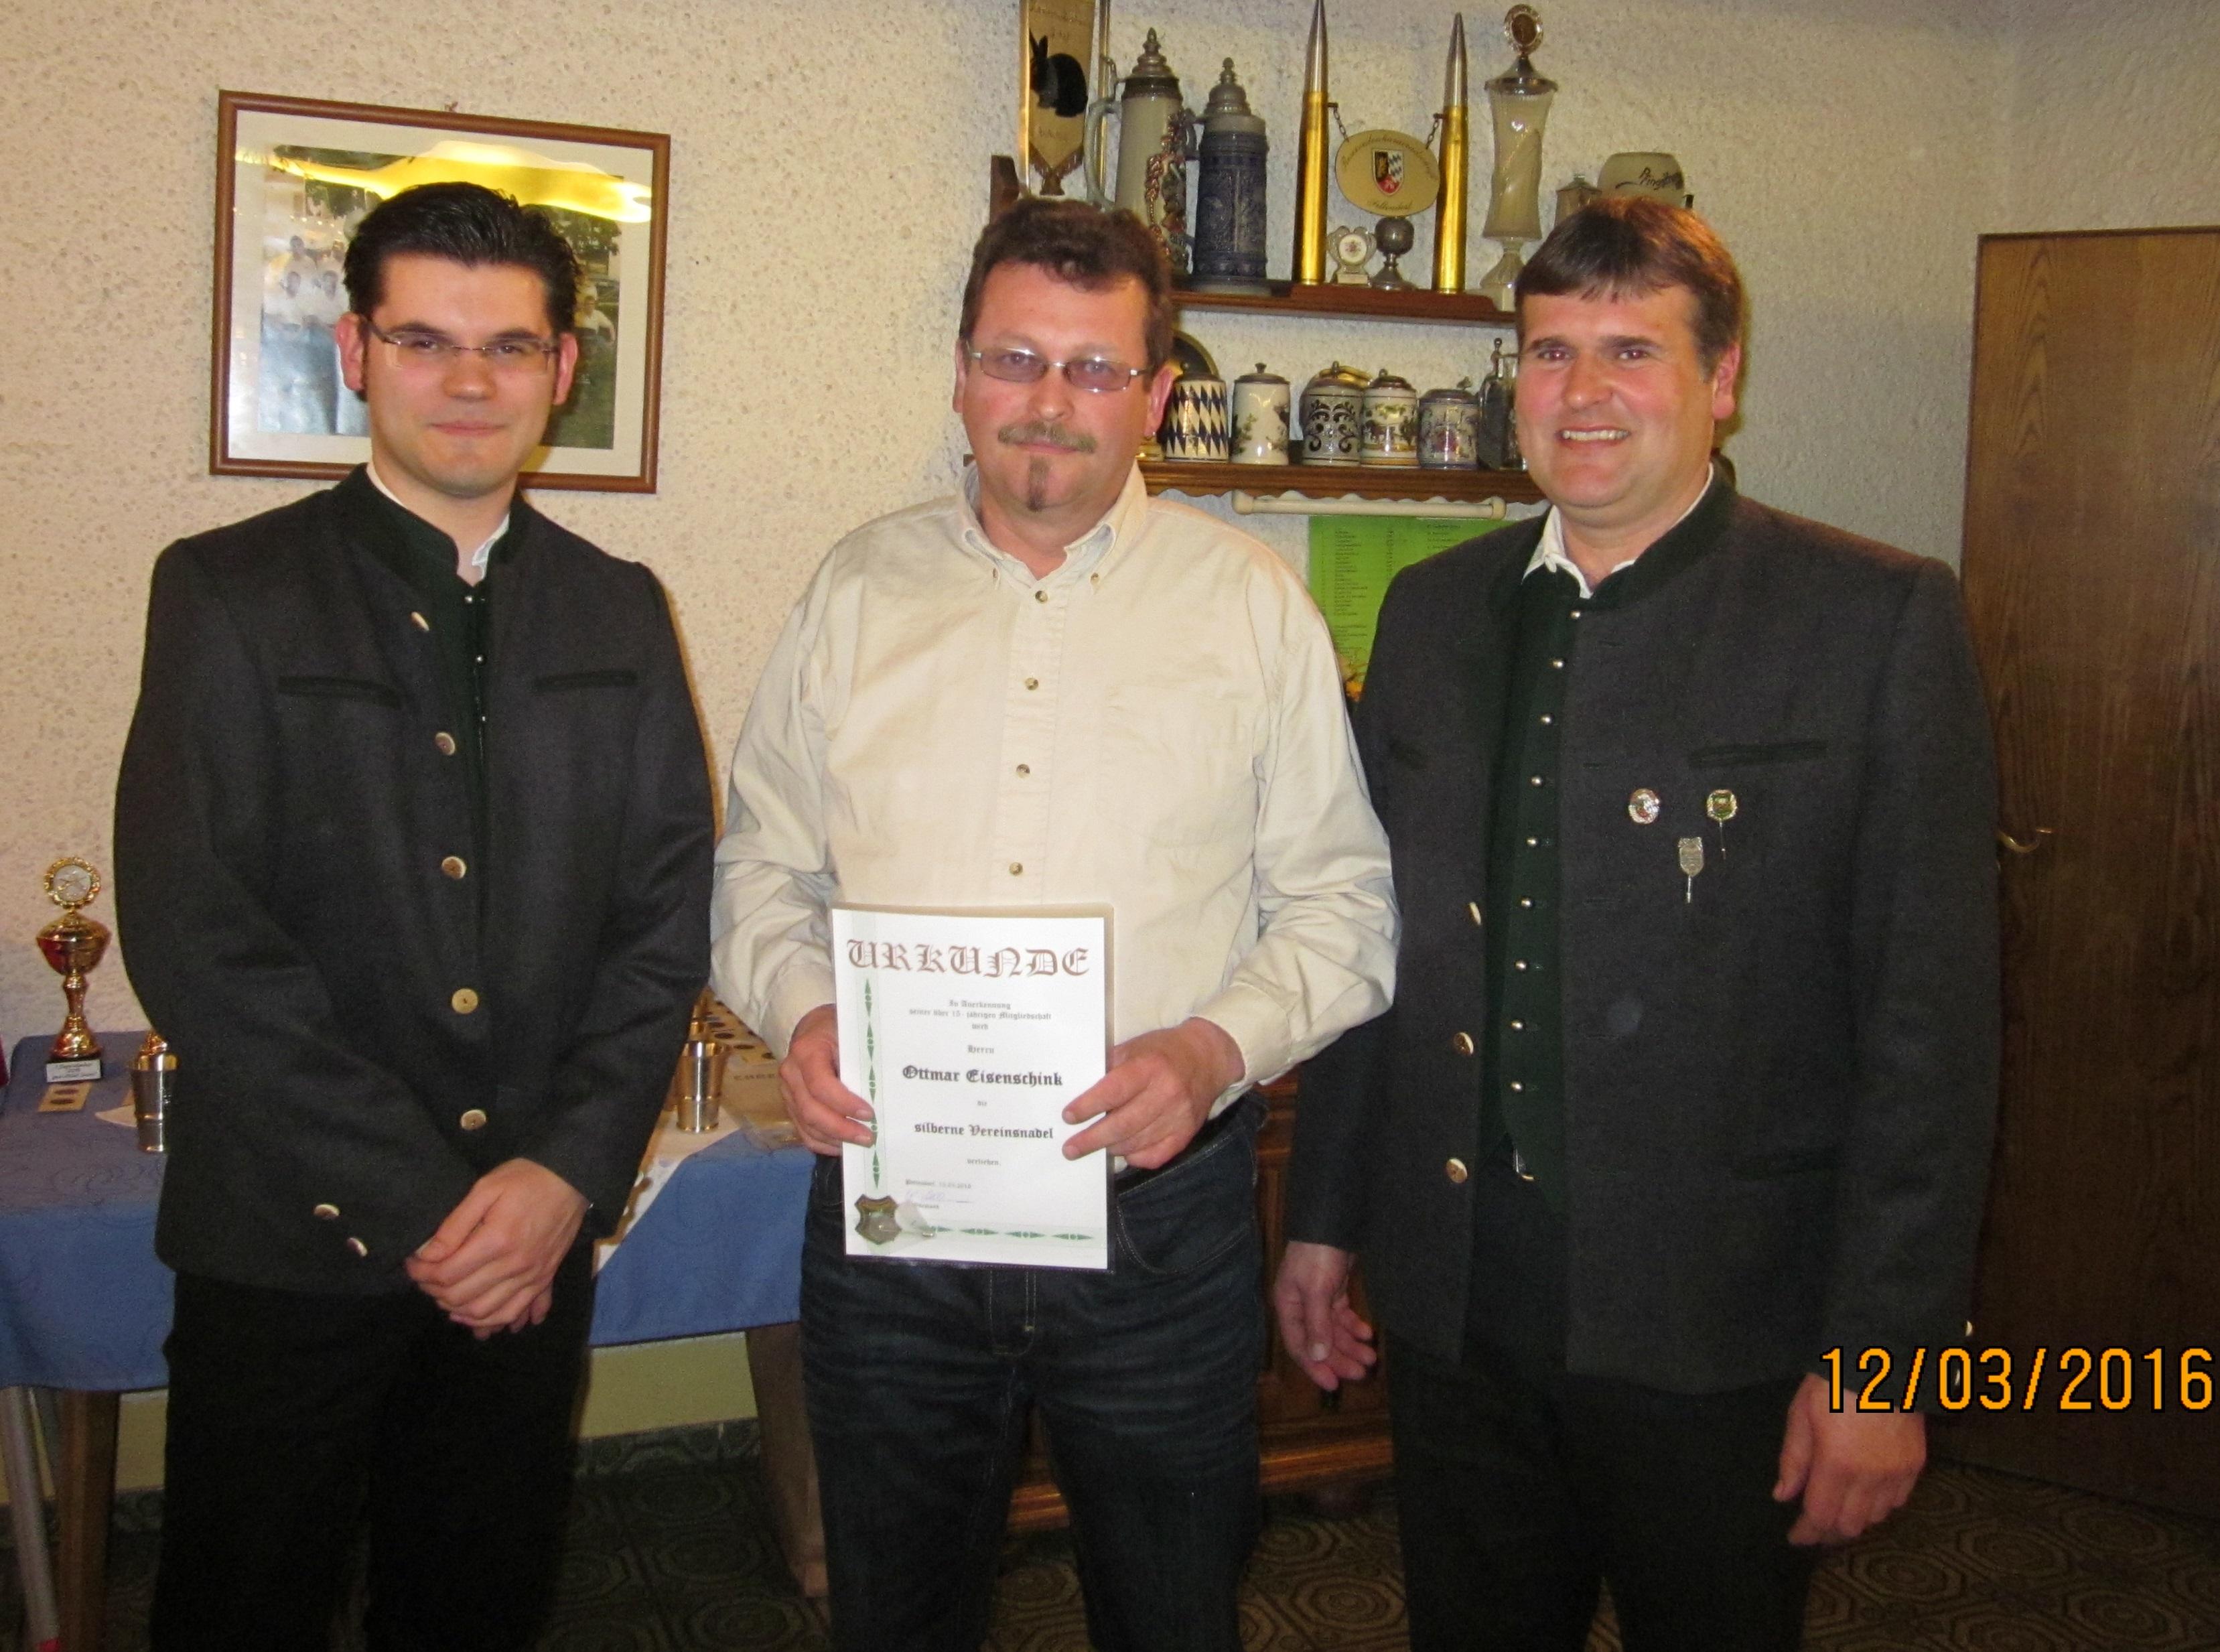 geehrt_für_15_Jahre_Mitgliedschaft_bei_Jägerheim_Pettendorf-Ottmar_Eisenschink